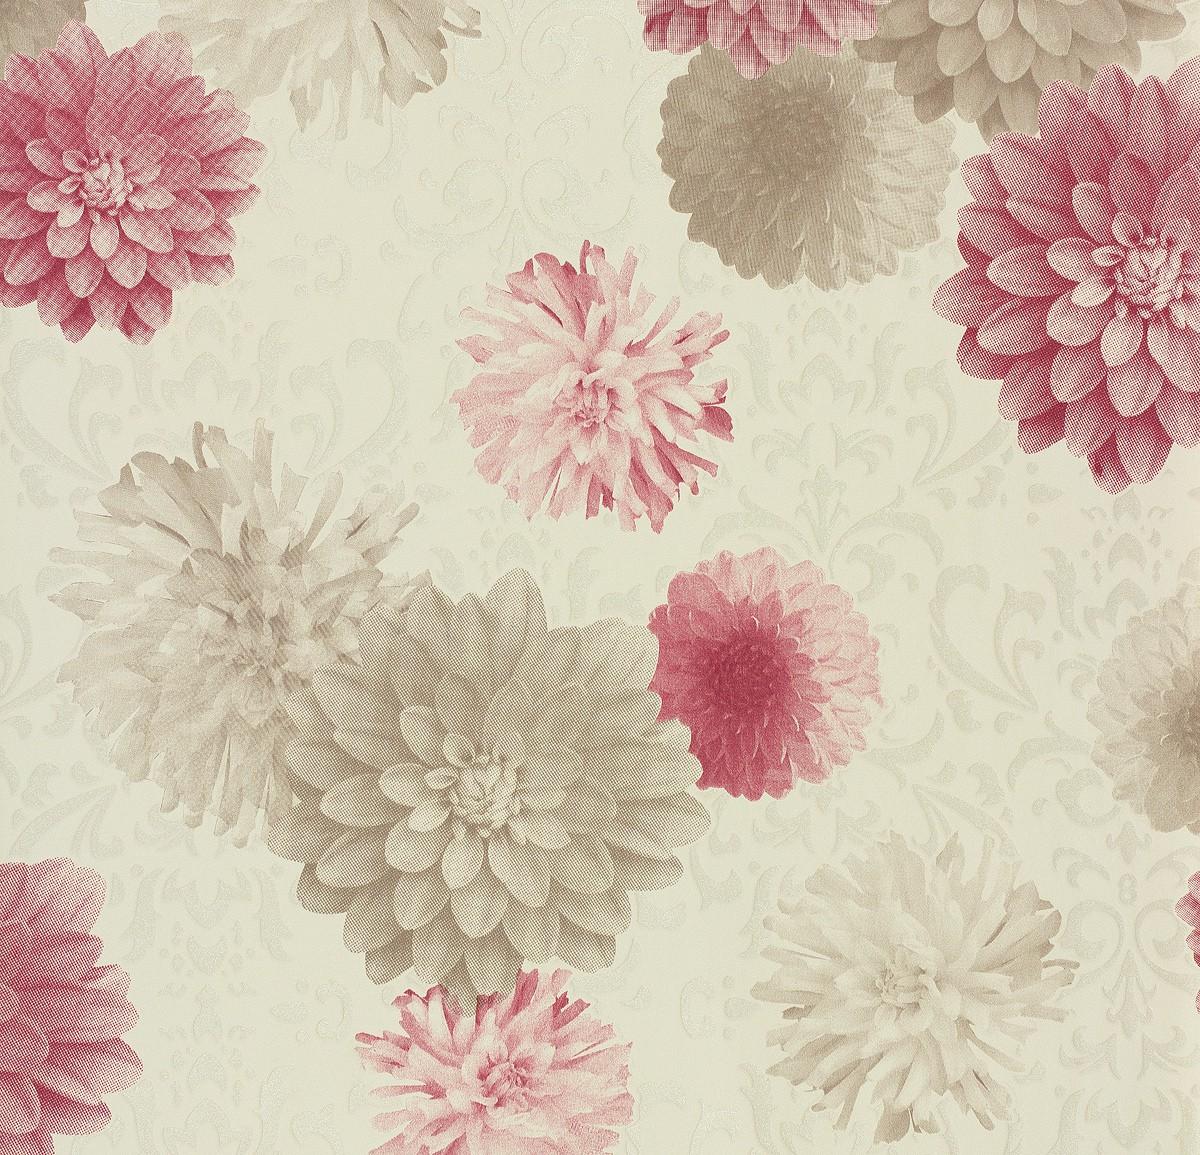 vliestapete naf naf a s cr ation tapete 95219 2 952192 floral wei beige rosa 2 ebay. Black Bedroom Furniture Sets. Home Design Ideas